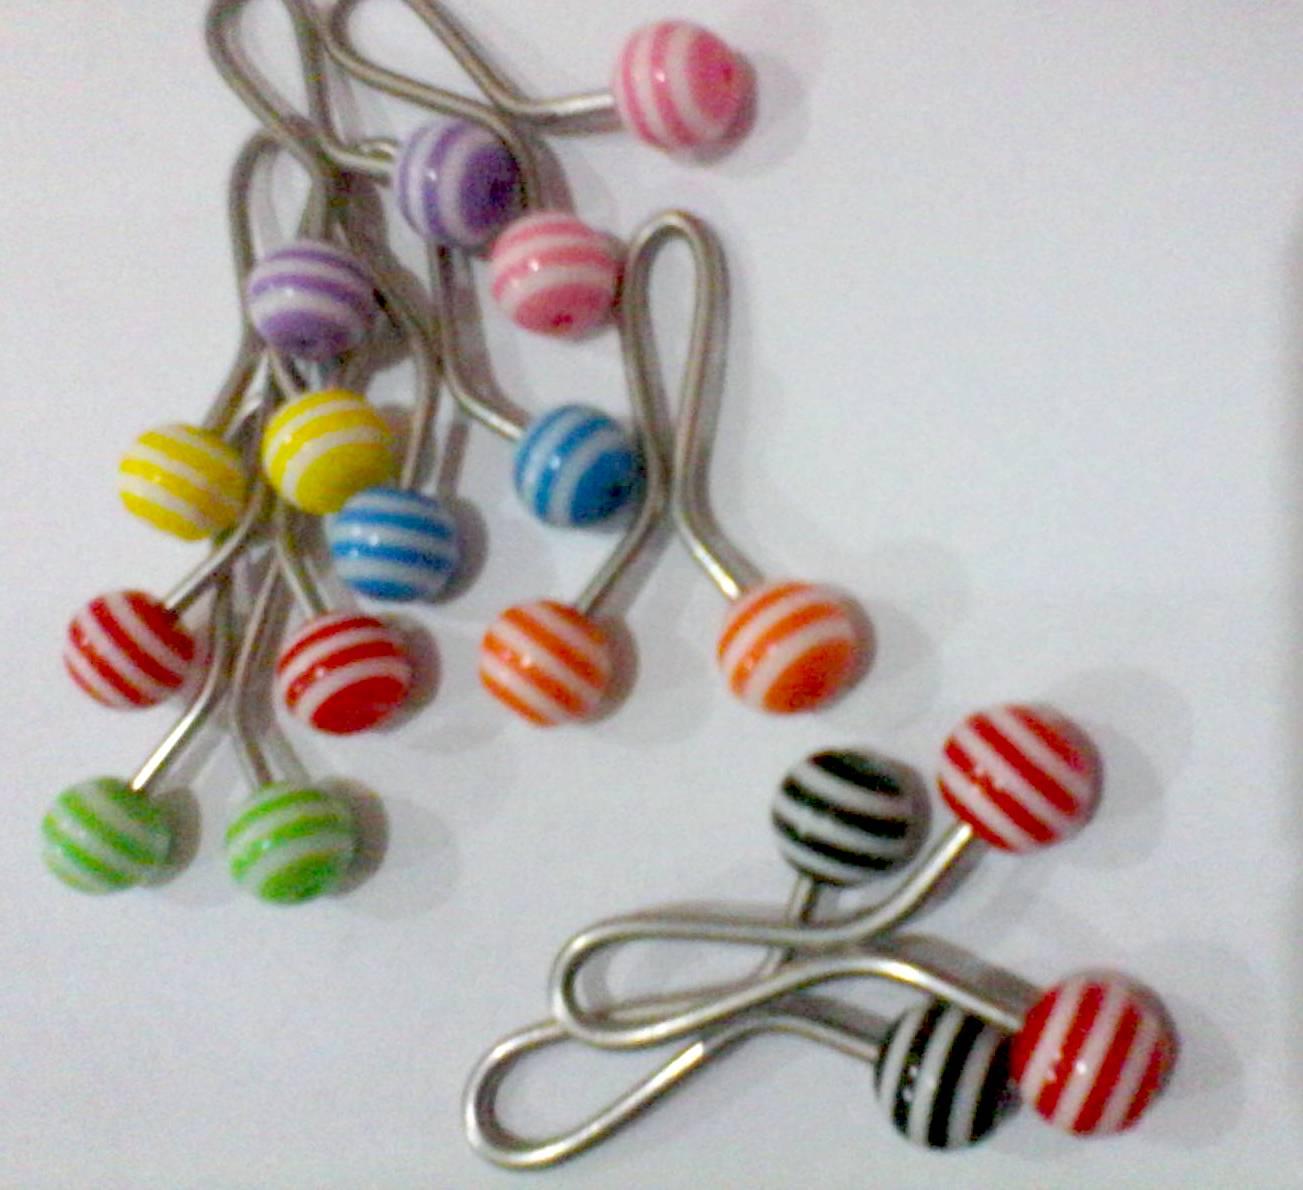 Klip Jilbab/Hijab Turki Candy Line